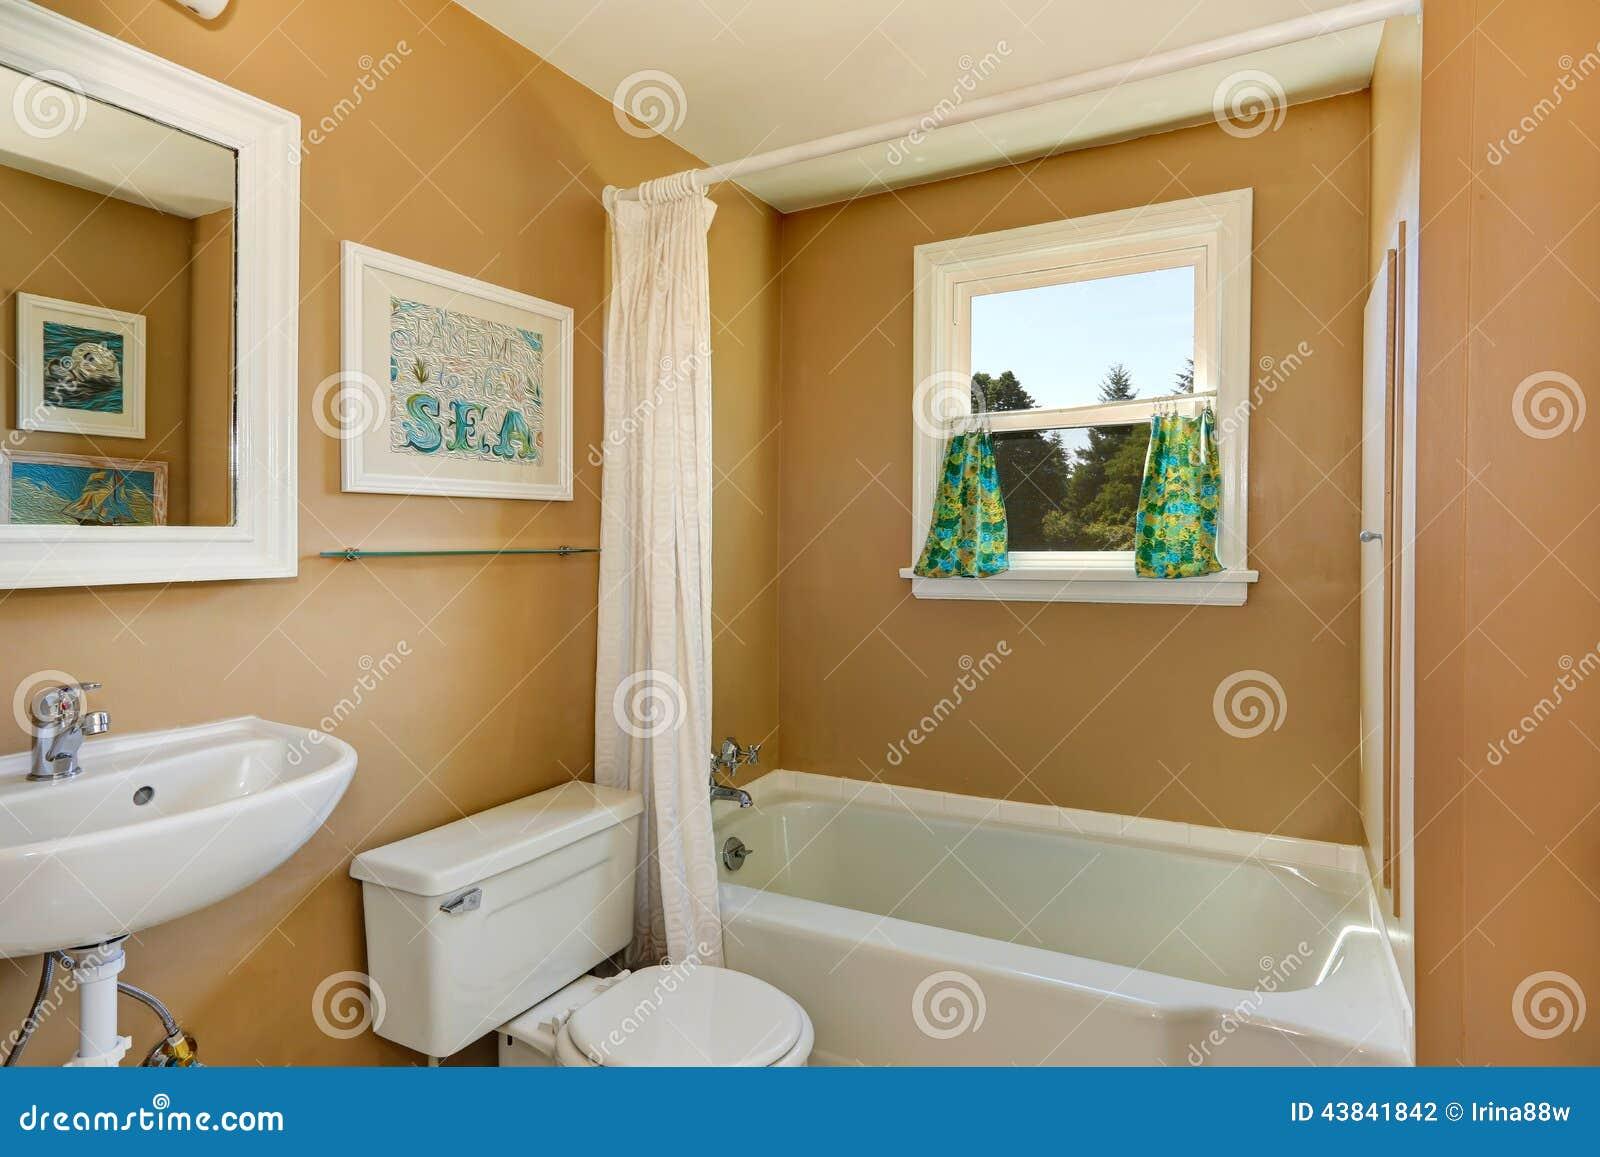 simples do banheiro com janela pequena e a cortina branca do banho #6F4814 1300 957